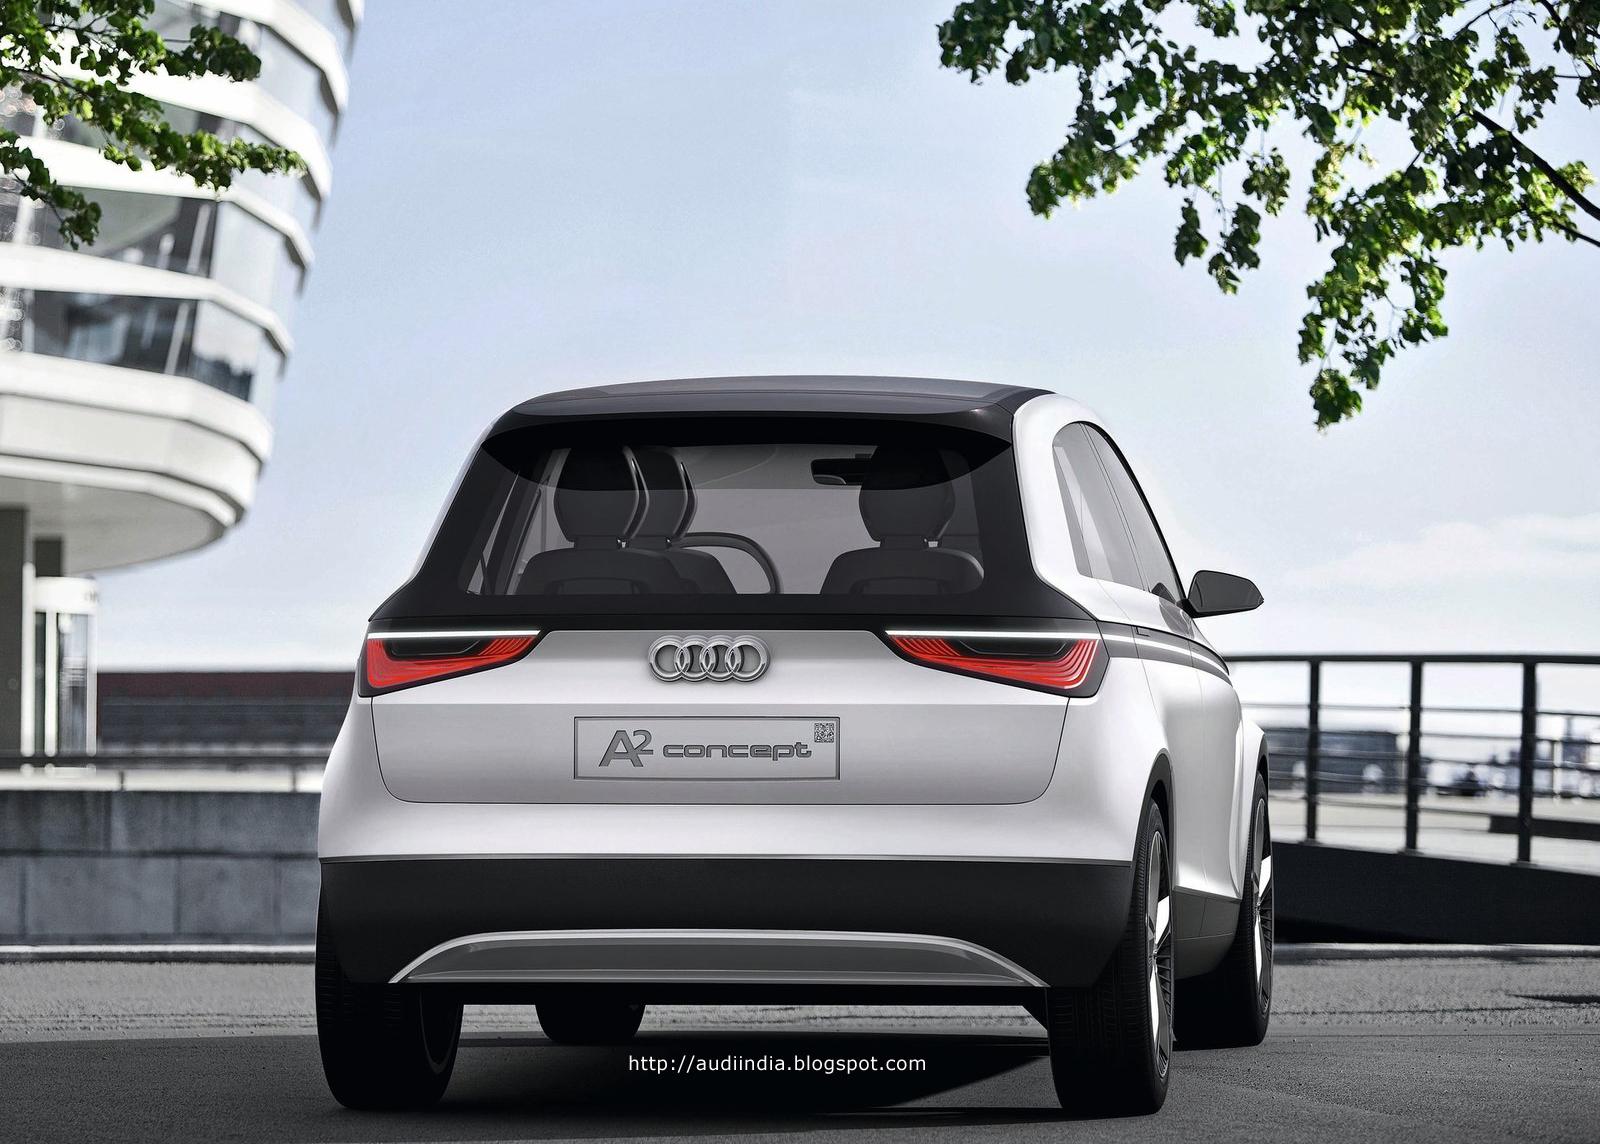 http://3.bp.blogspot.com/-lFz5DAXCDmQ/ToTGwbSeeDI/AAAAAAAABgk/_yoETuXnZA4/s1600/Audi-A2_Concept_2011_1600x1200_wallpaper_0c+copy.jpg